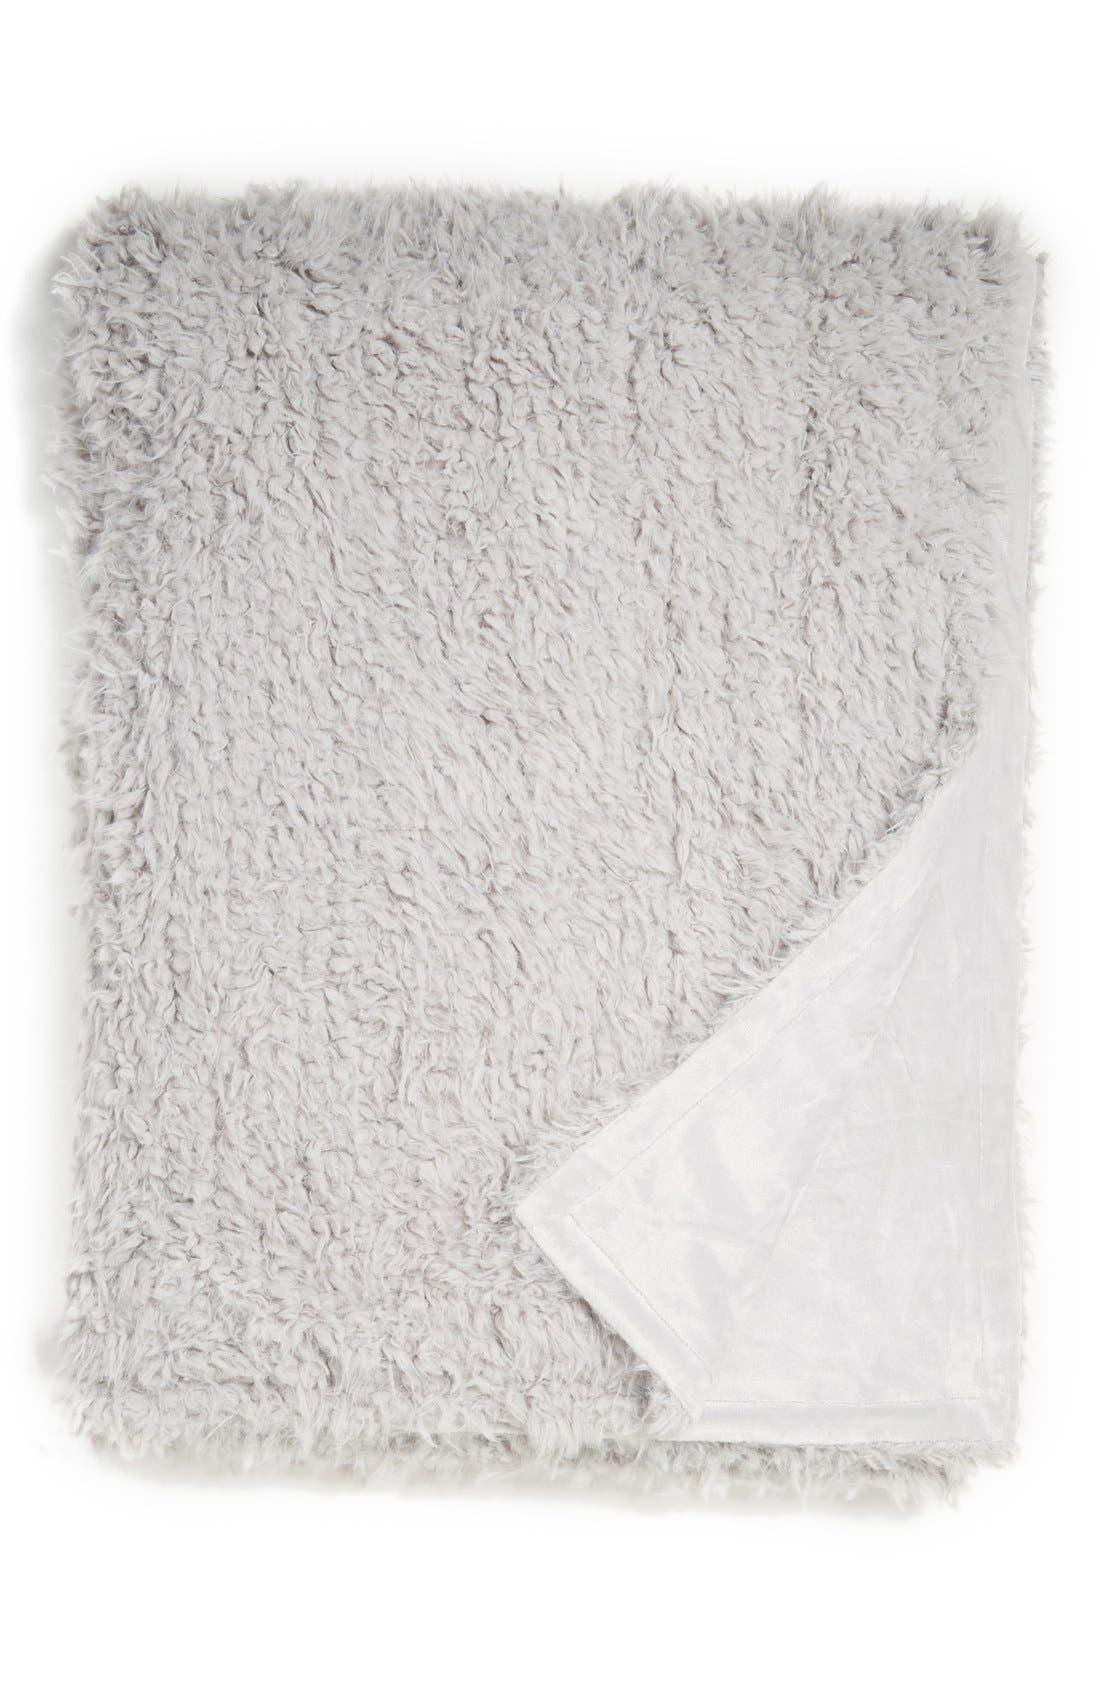 'Shaggy Plush' Faux Fur Blanket,                         Main,                         color, Grey Vapor